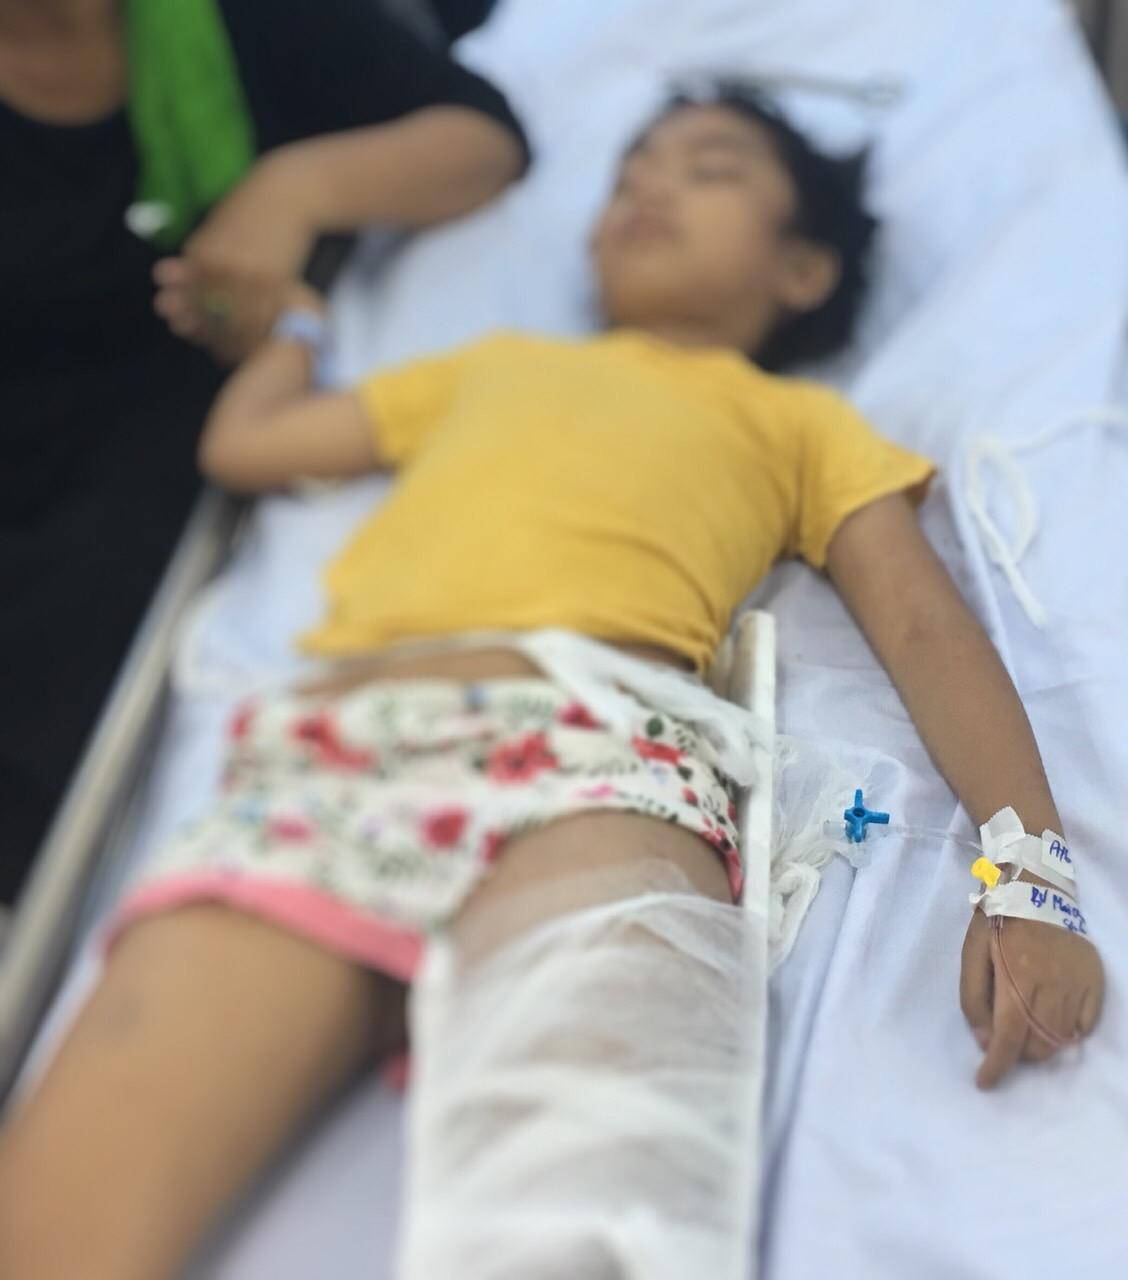 Tình hình sức khỏe của các nạn nhân vụ tai nạn tại Hòa Bình